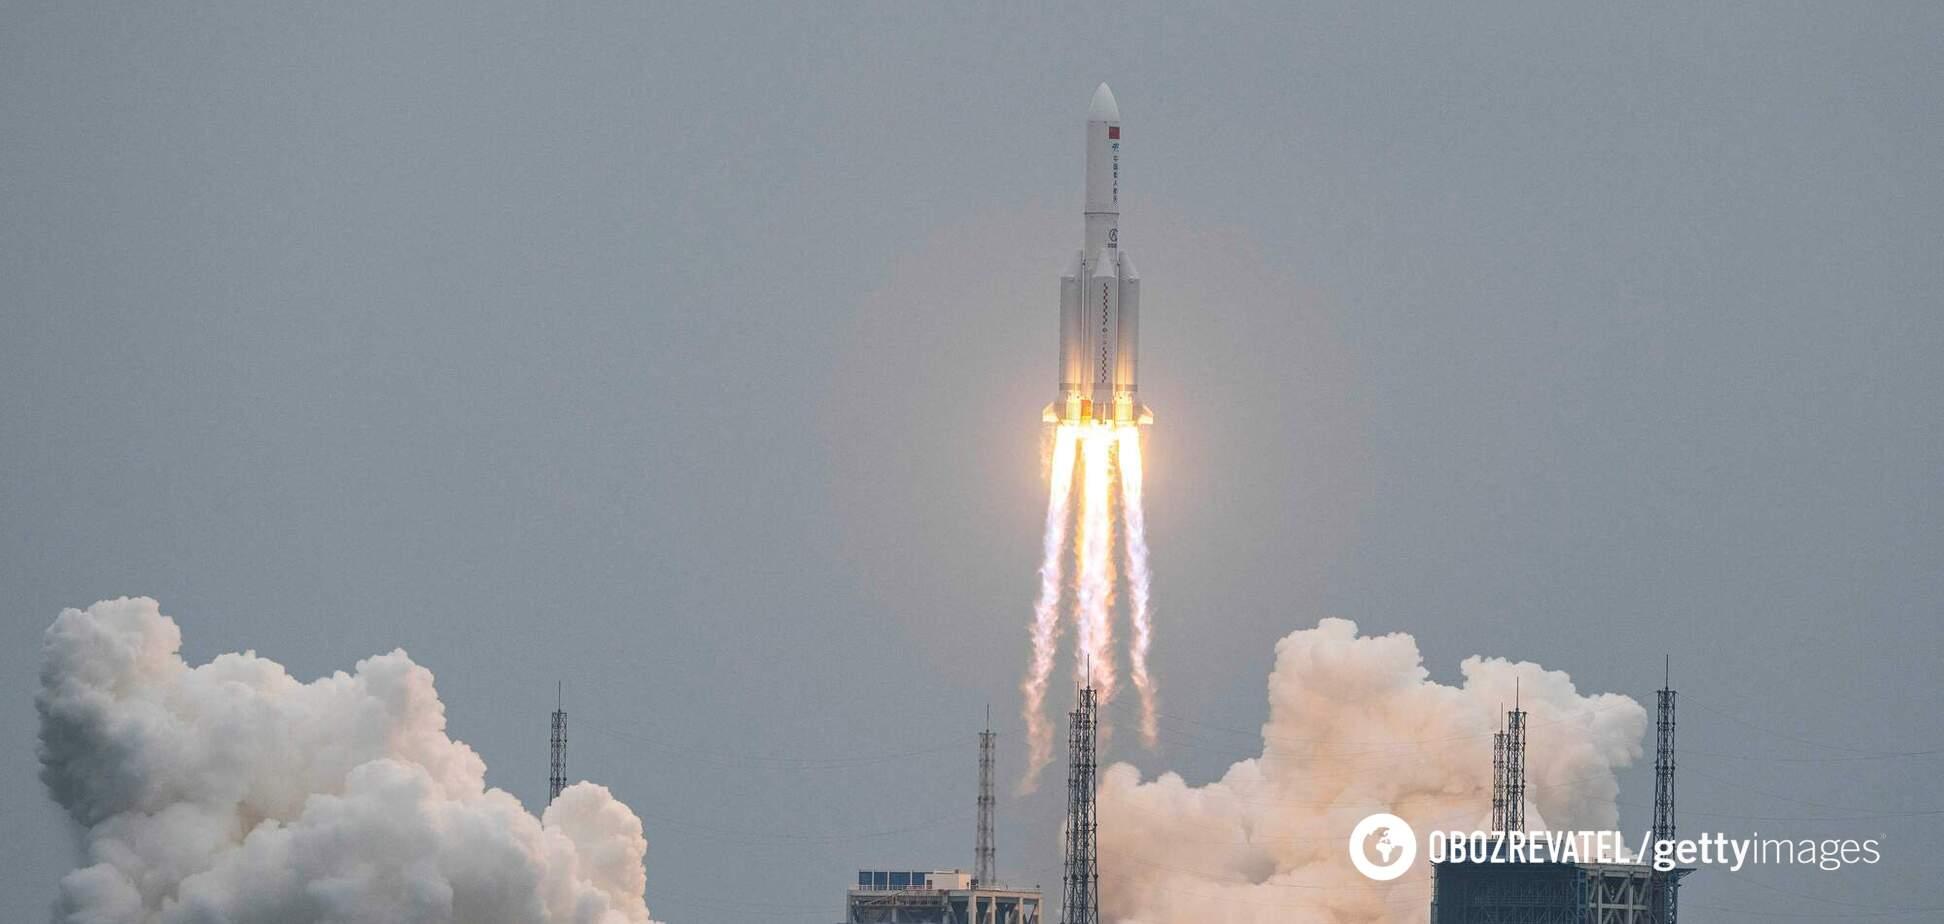 Є ймовірність, що великі частини ракети потраплять у житлові райони